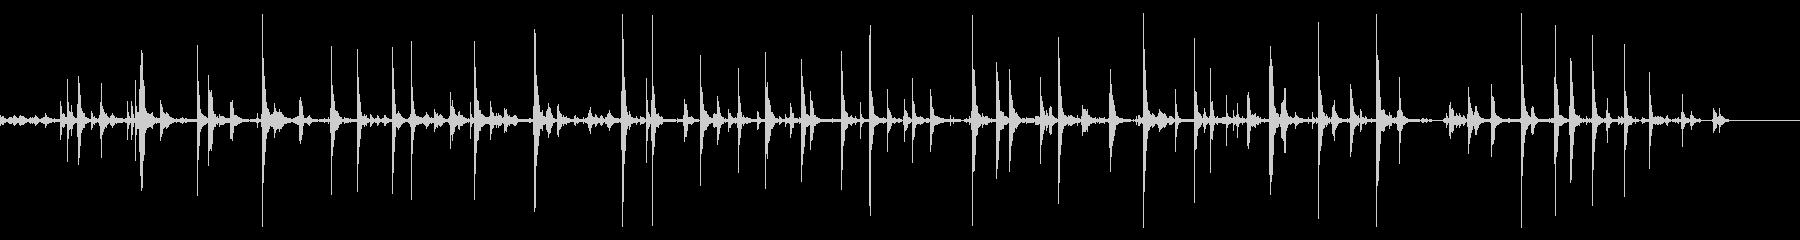 猫が爪を研ぐ音の未再生の波形